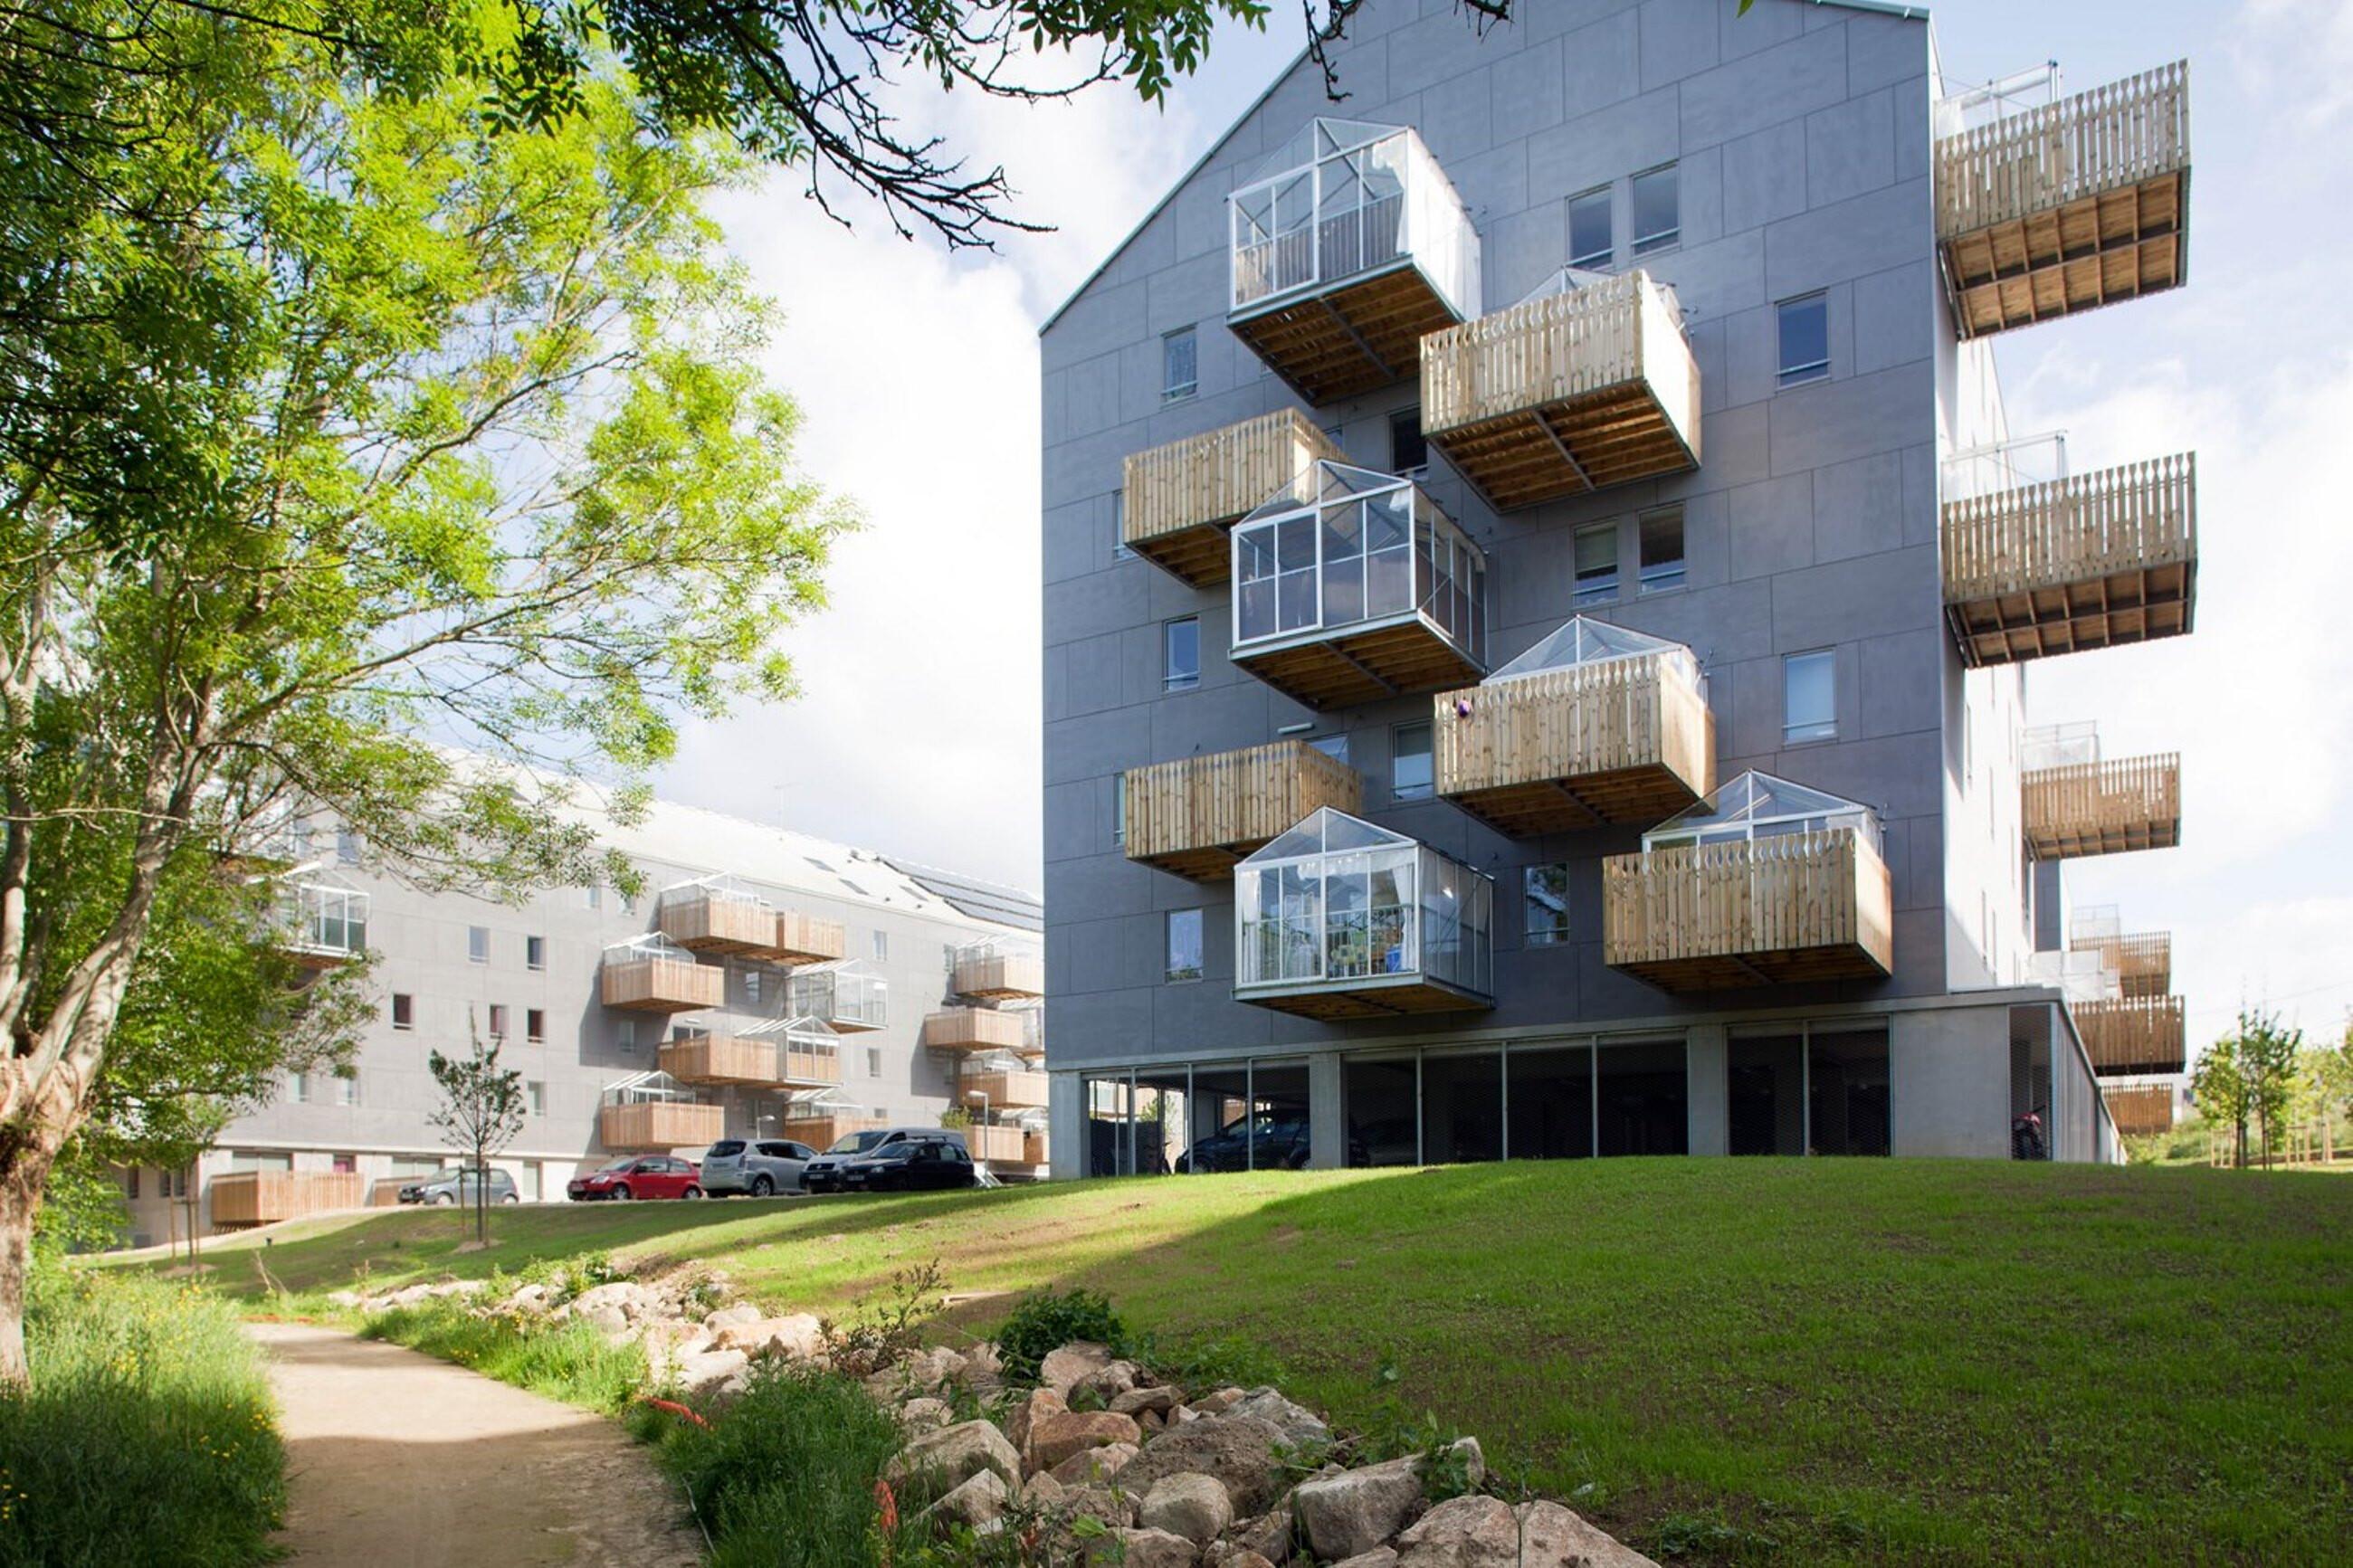 Pradenn Housing